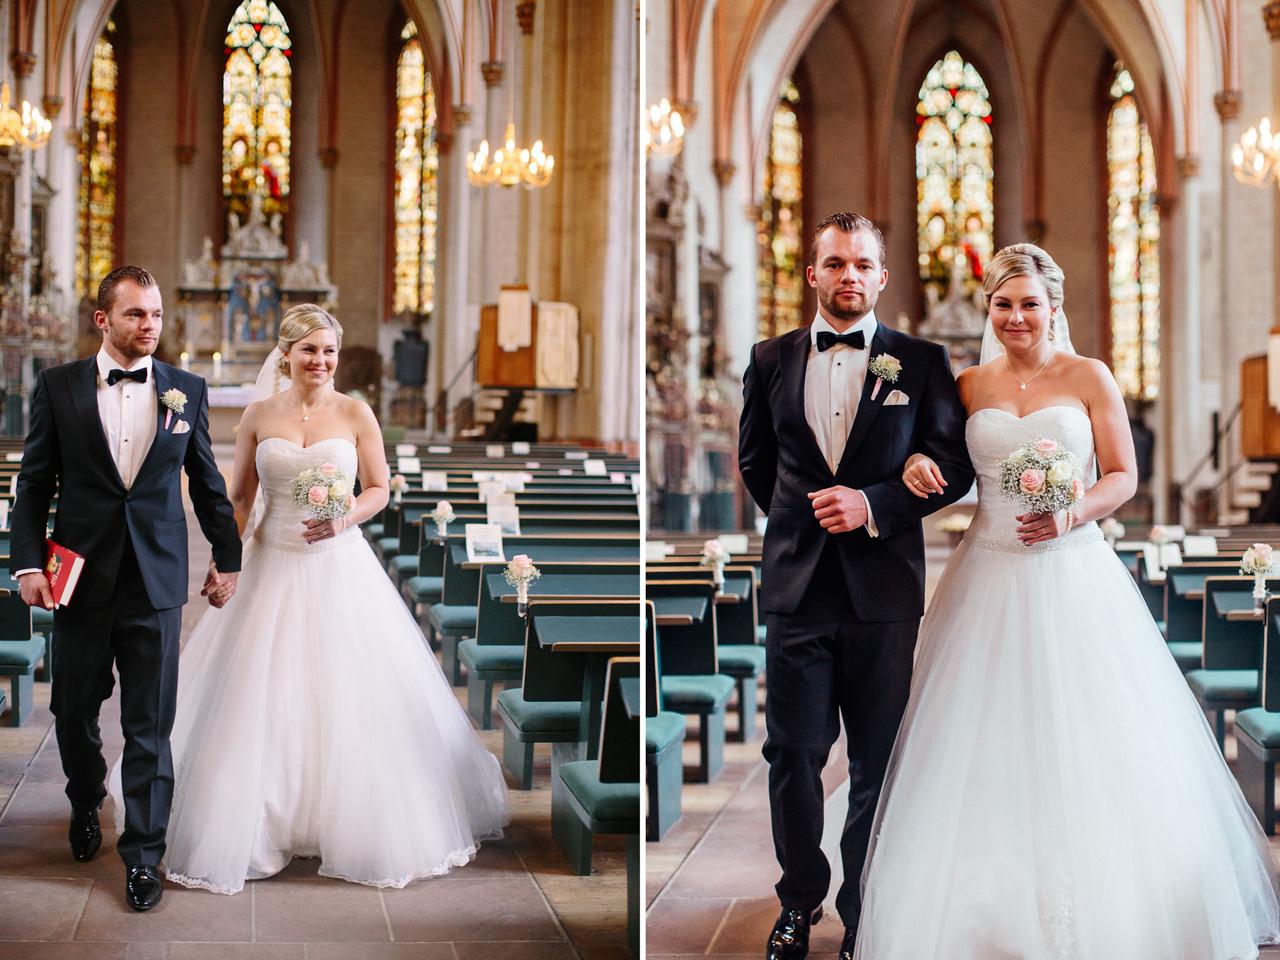 Hochzeit Eventscheune Dagobertshausen - Julia & Florian - Sandra Socha Fotografie - 35